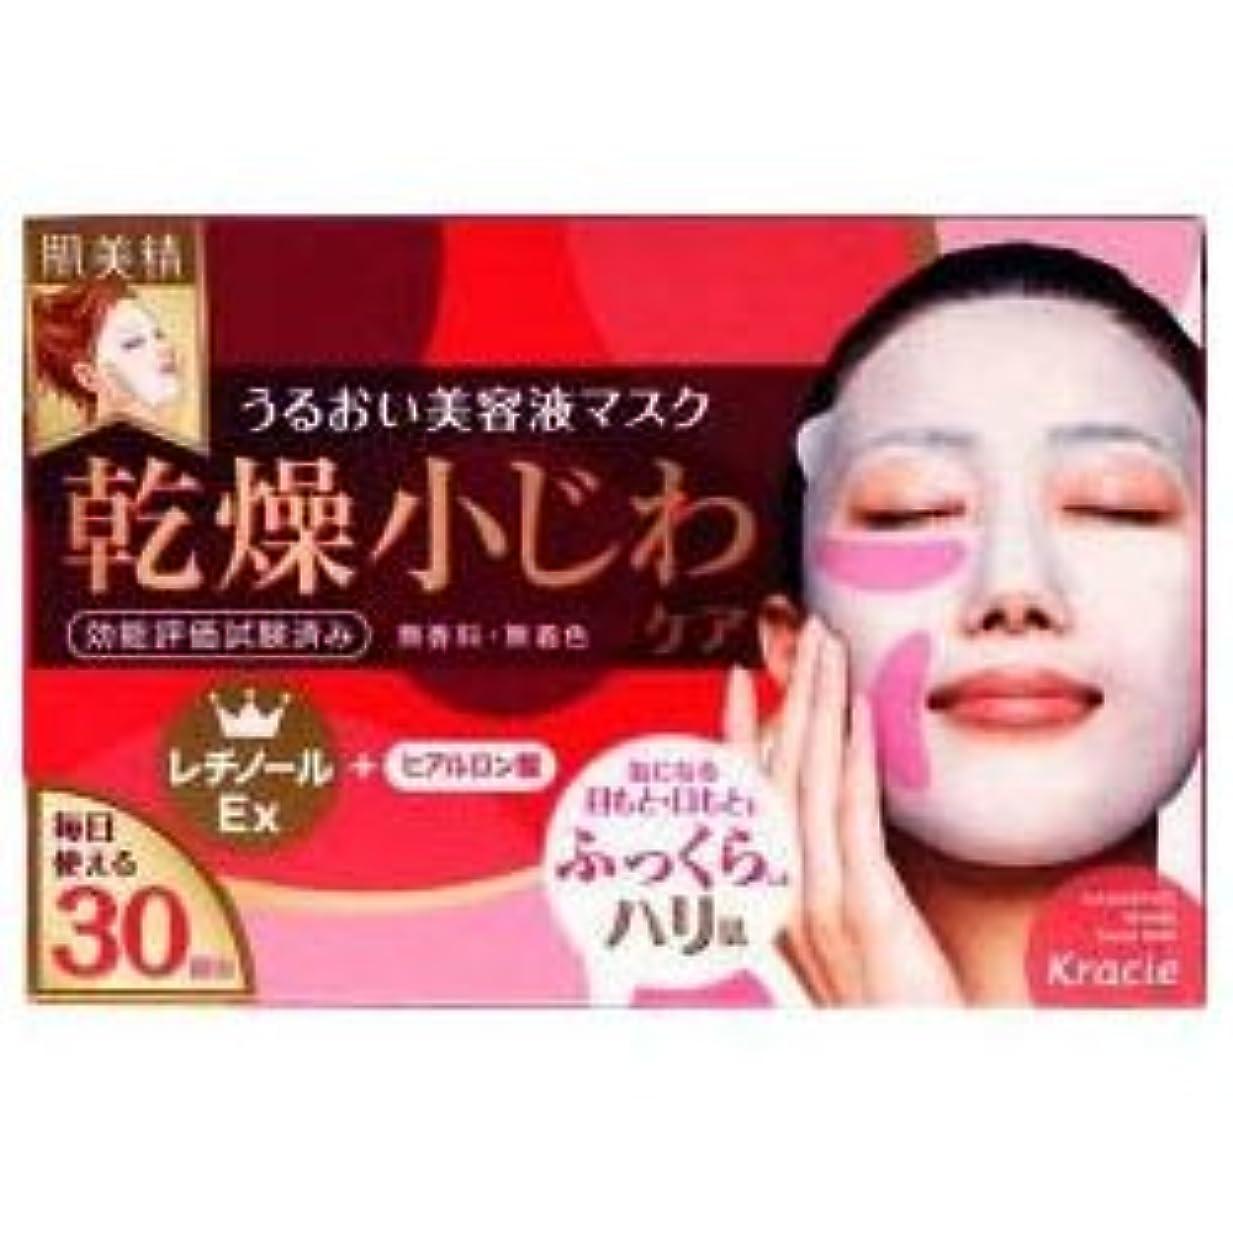 変更可能タンカー沿って【クラシエ】肌美精 デイリーリンクルケア美容液マスク 30枚 ×10個セット